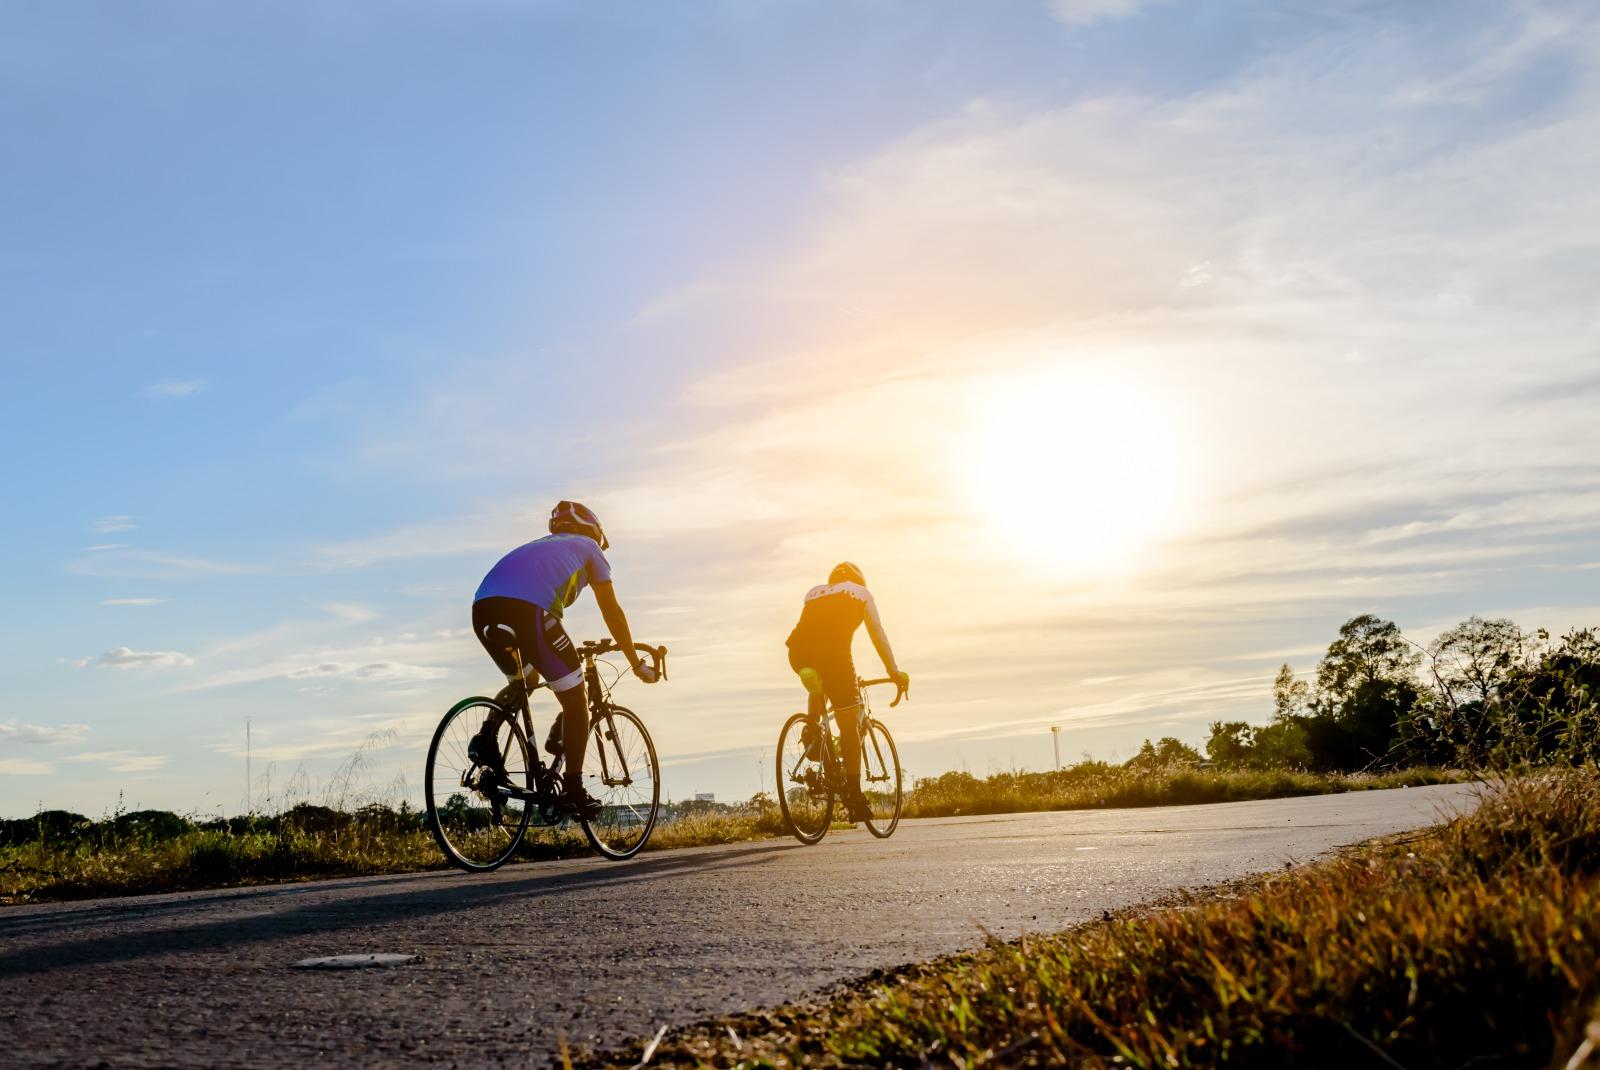 Polacy kochają jazdę na rowerze! Wyniki badań nie pozostawiają wątpliwości